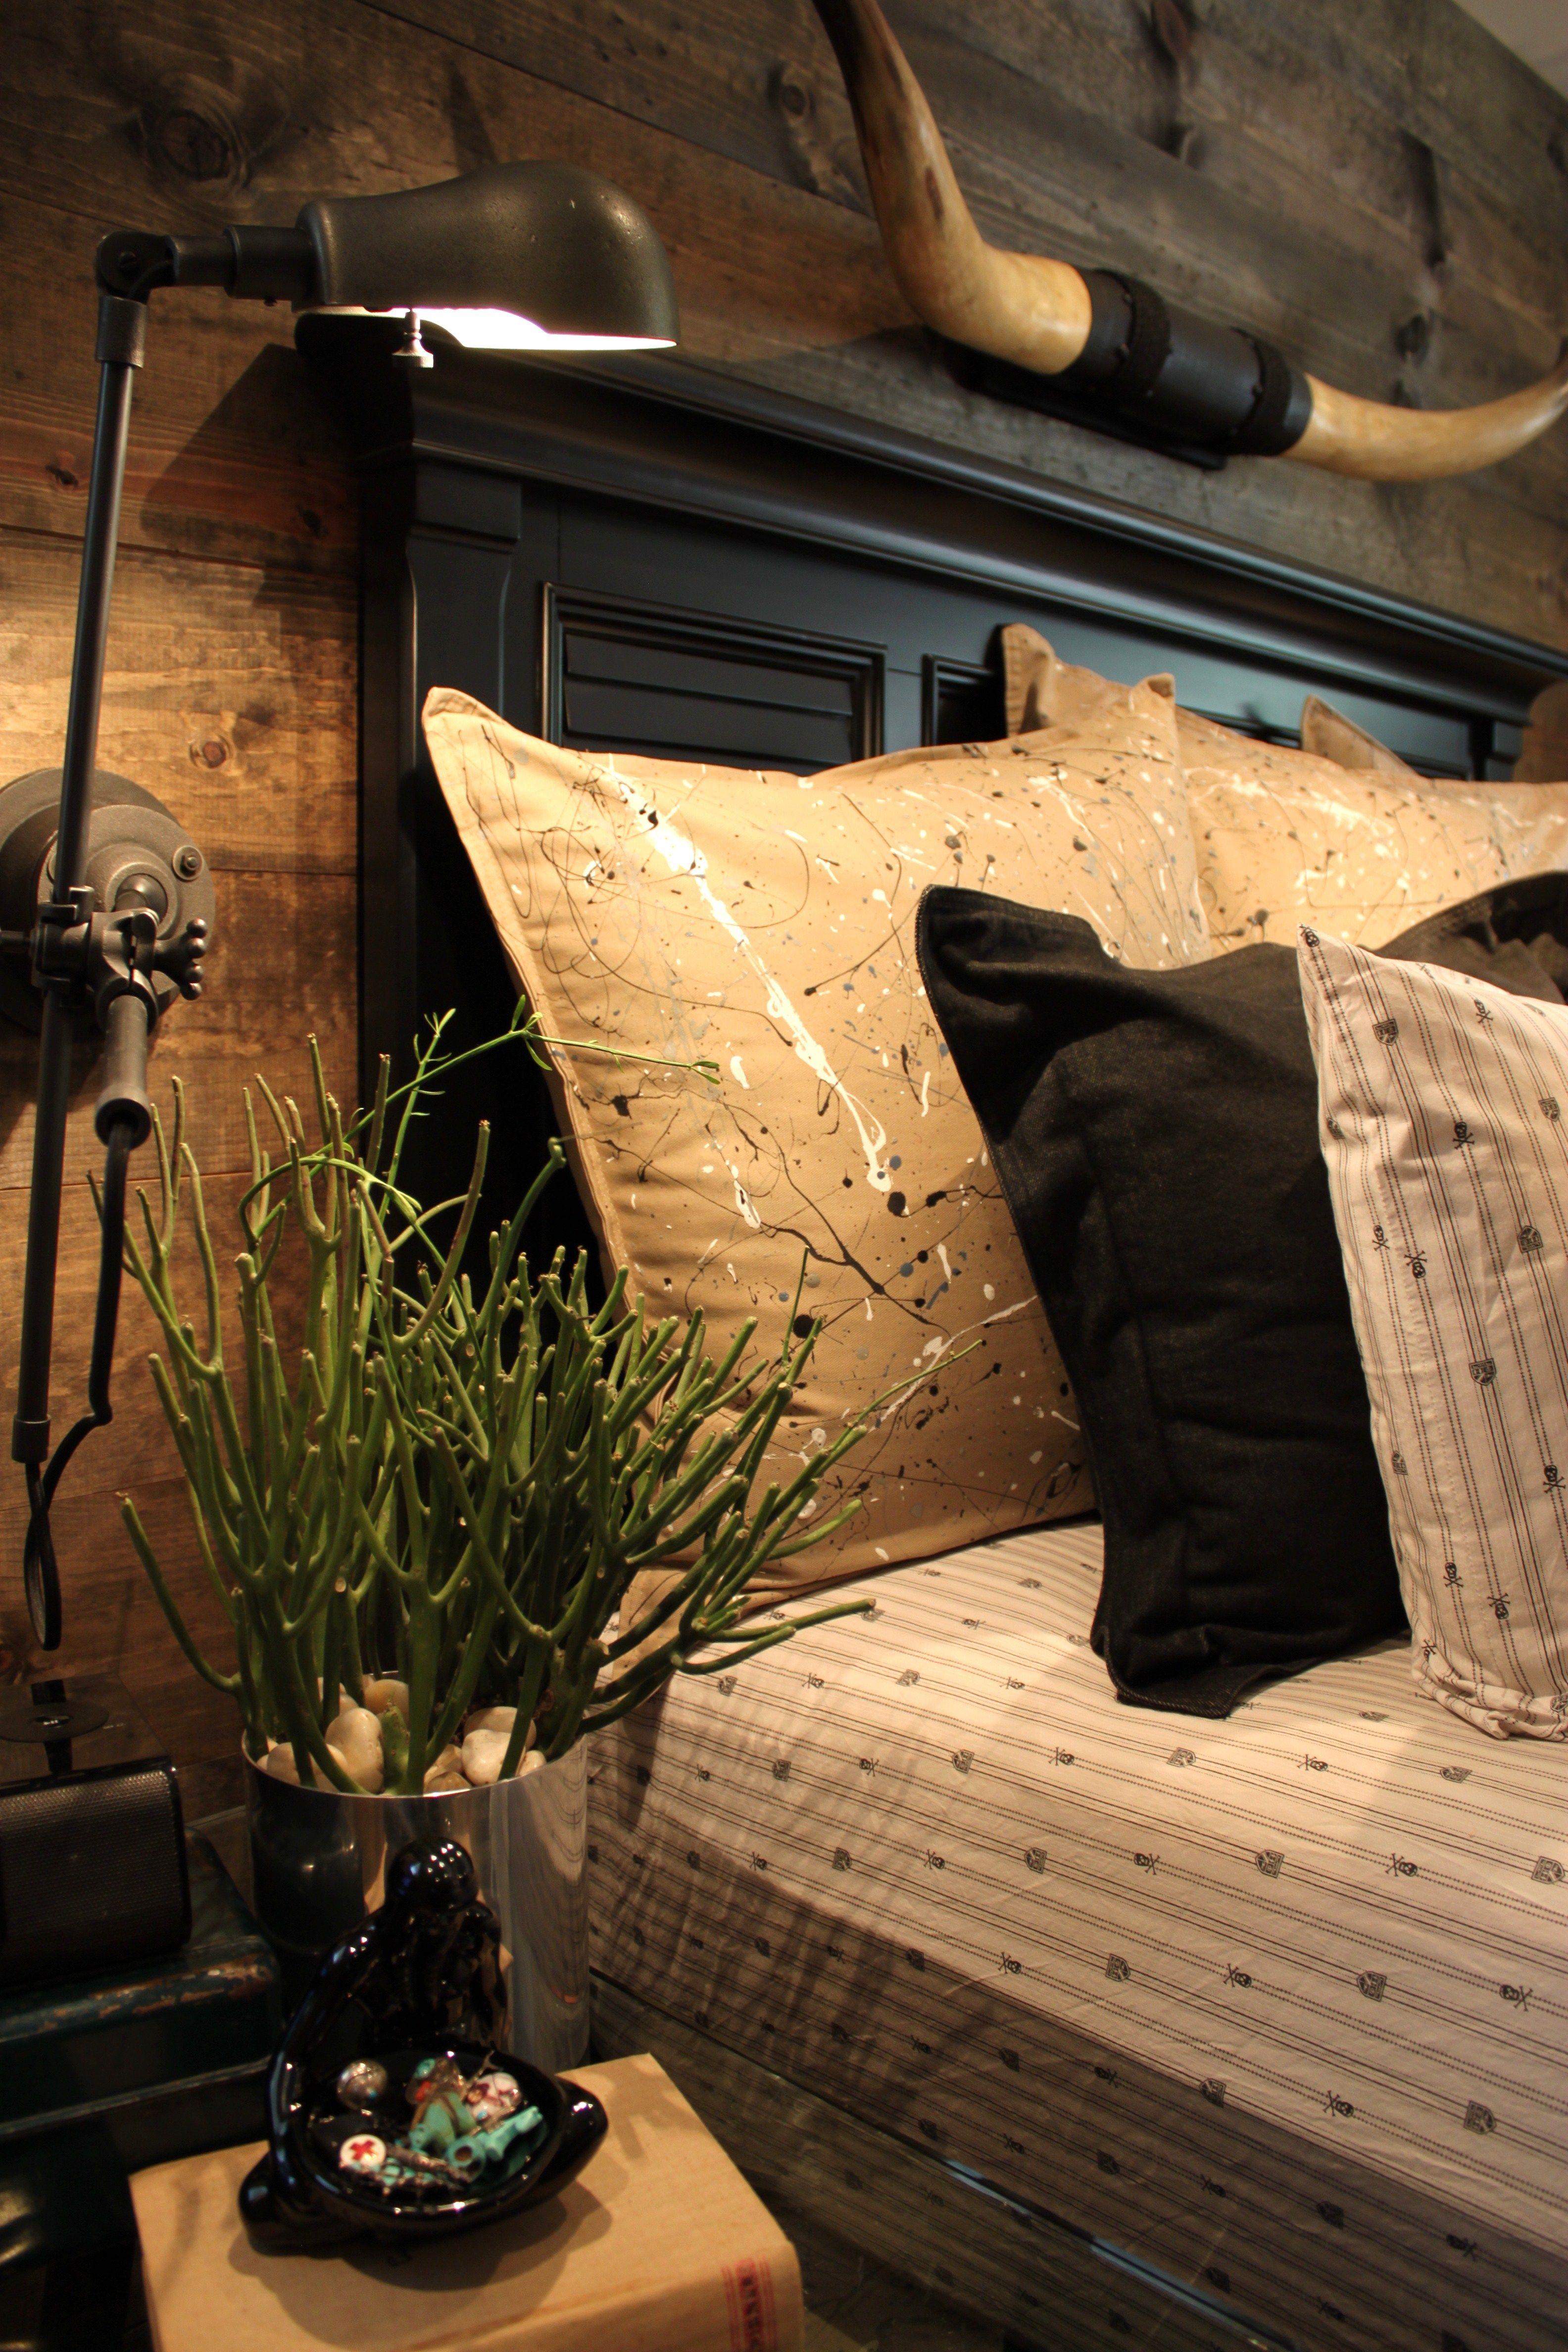 1000+ ιδέες για badezimmer leonardo 08 στο pinterest | badezimmer, Badezimmer